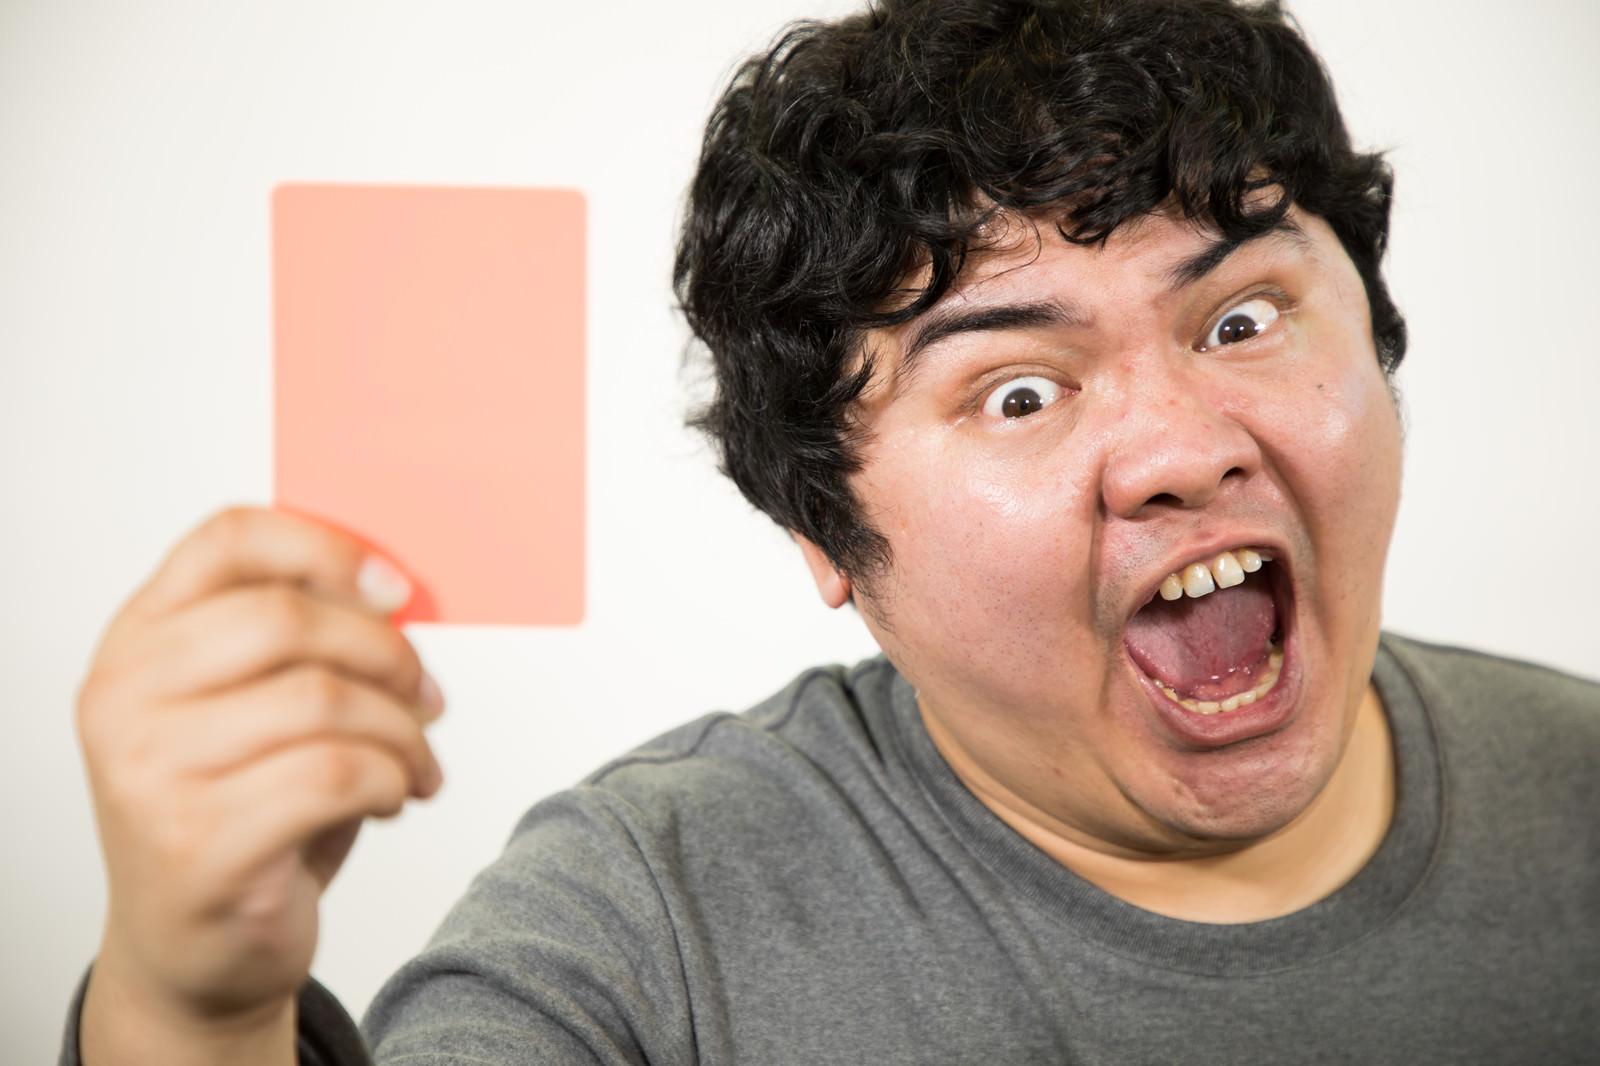 「超絶怒涛のレッドカード超絶怒涛のレッドカード」[モデル:段田隼人]のフリー写真素材を拡大